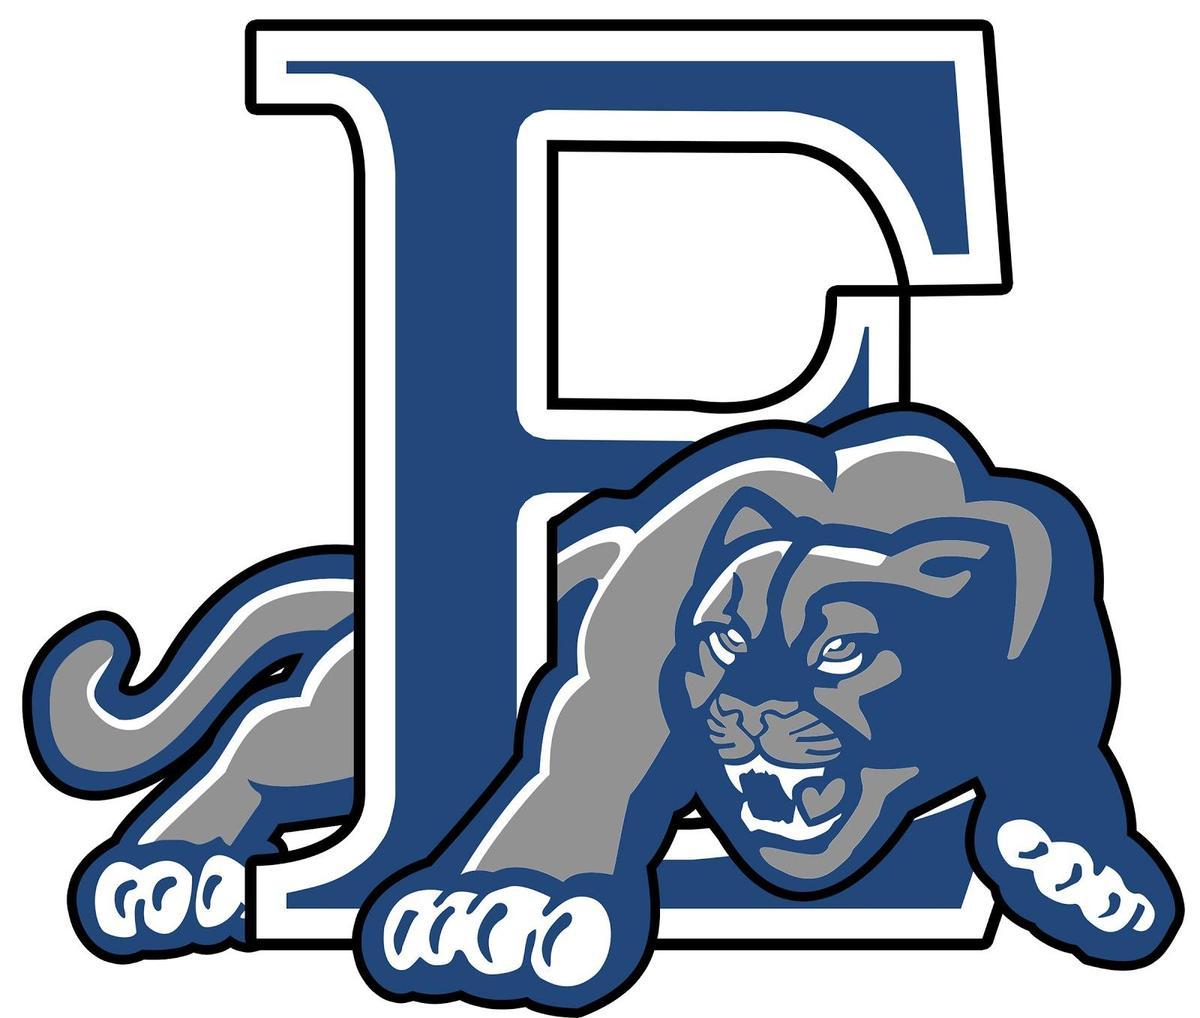 Edgewood City Schools logo